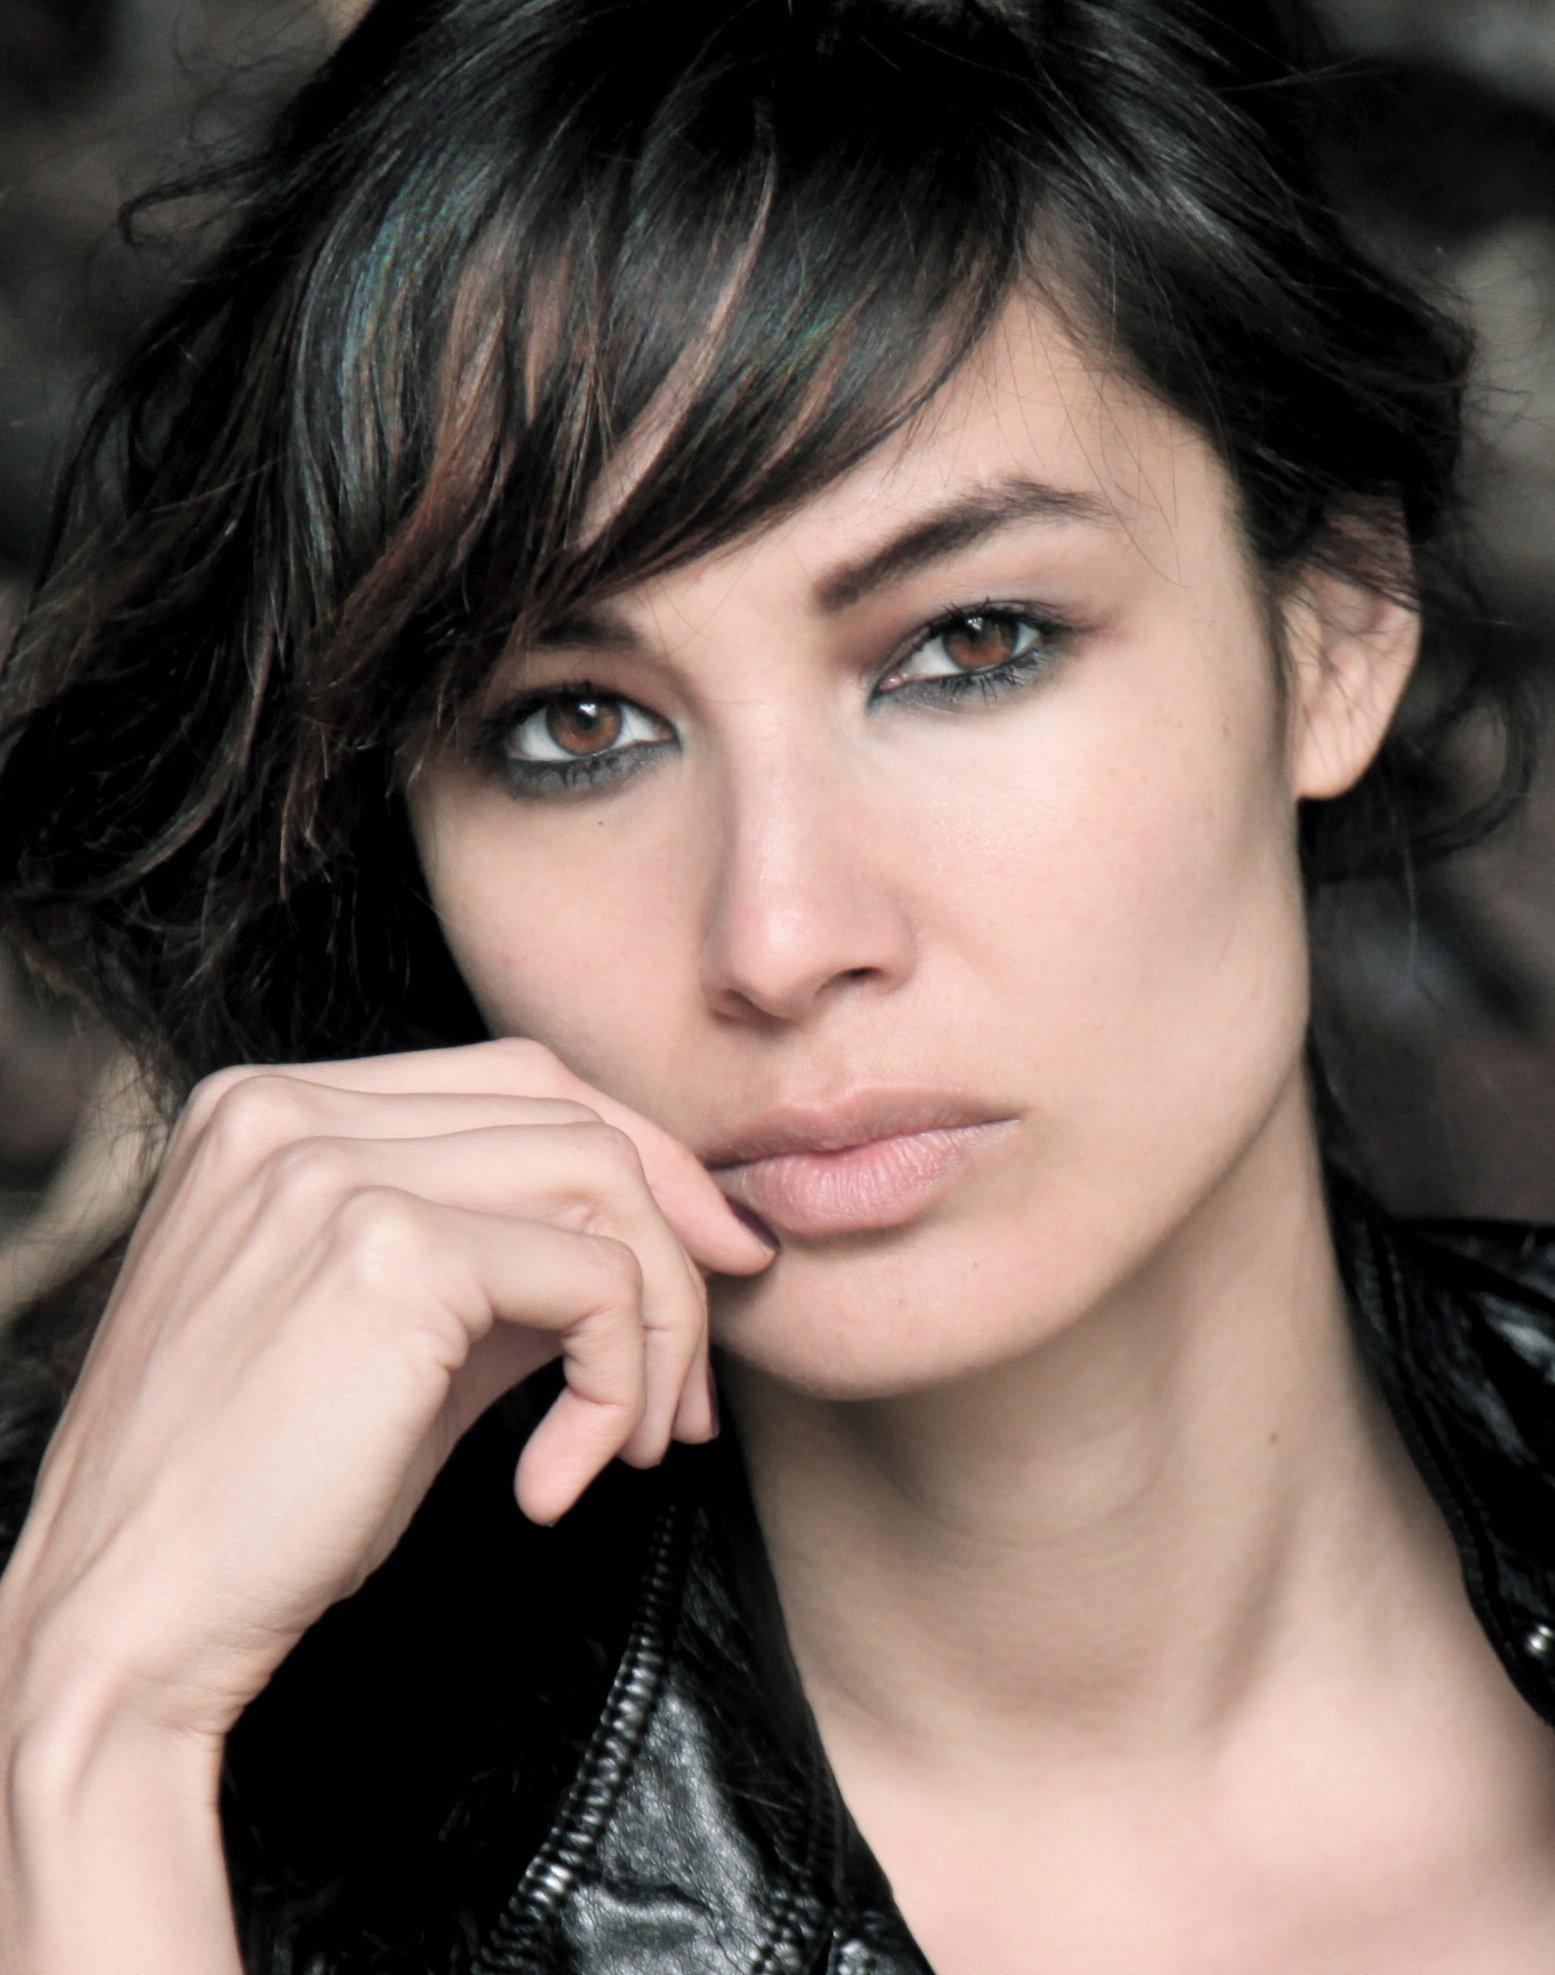 Французский порно актёр арабского происхождения малик 22 фотография